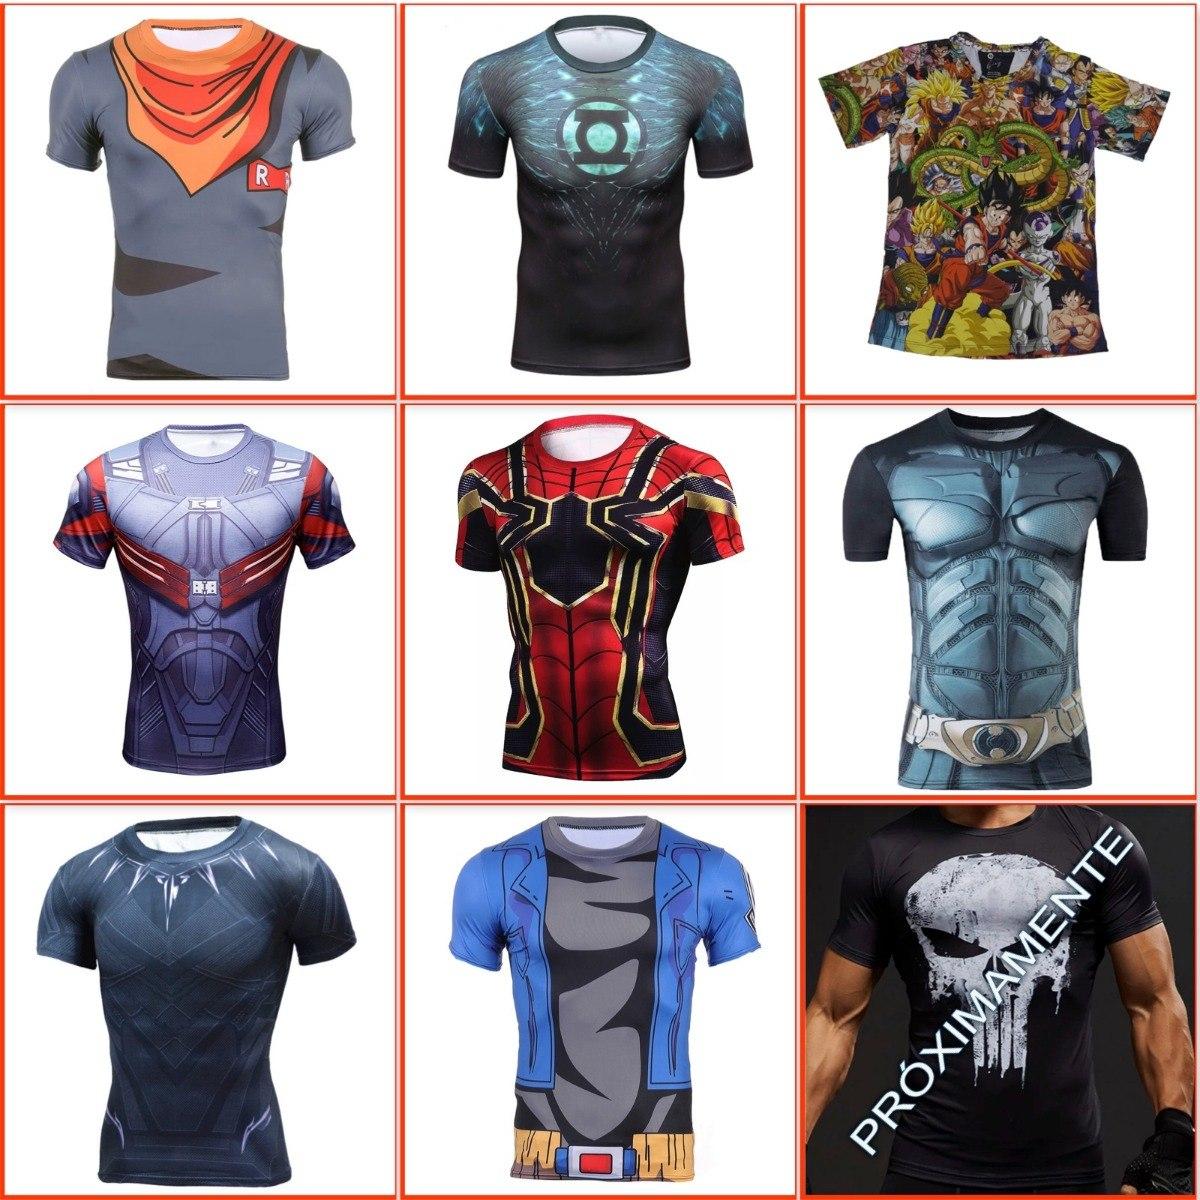 f919551e8c089 camiseta superman gym dc comics superheroes lycra spandex. Cargando zoom.